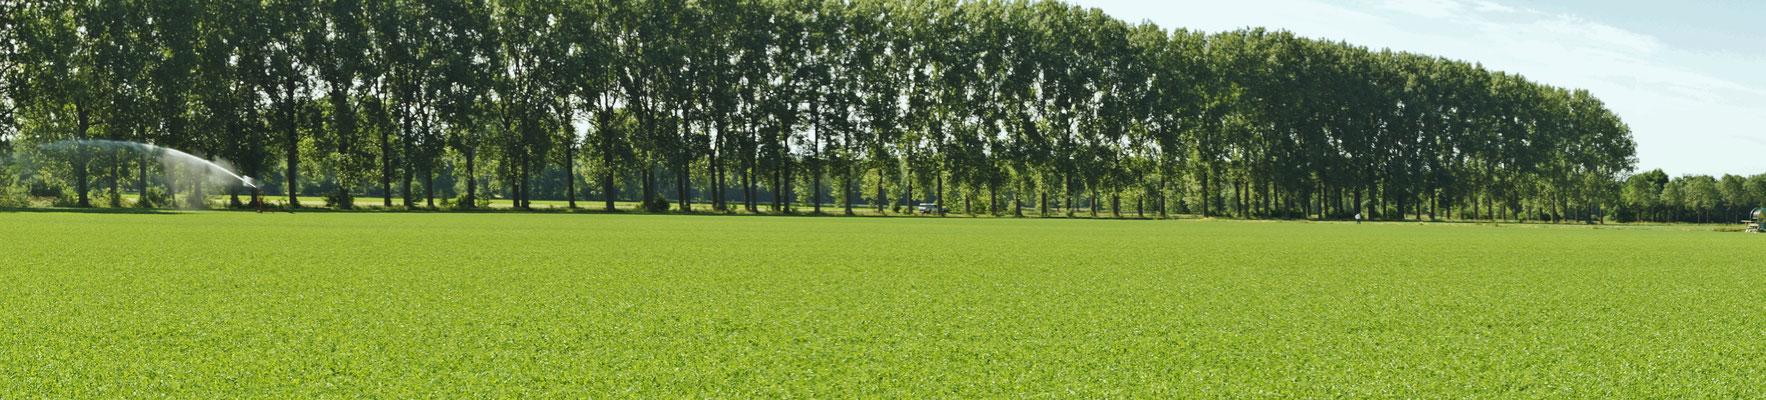 Es wird viel bewässert, denn den Böden und Pflanzen dürstet es nach Wasser